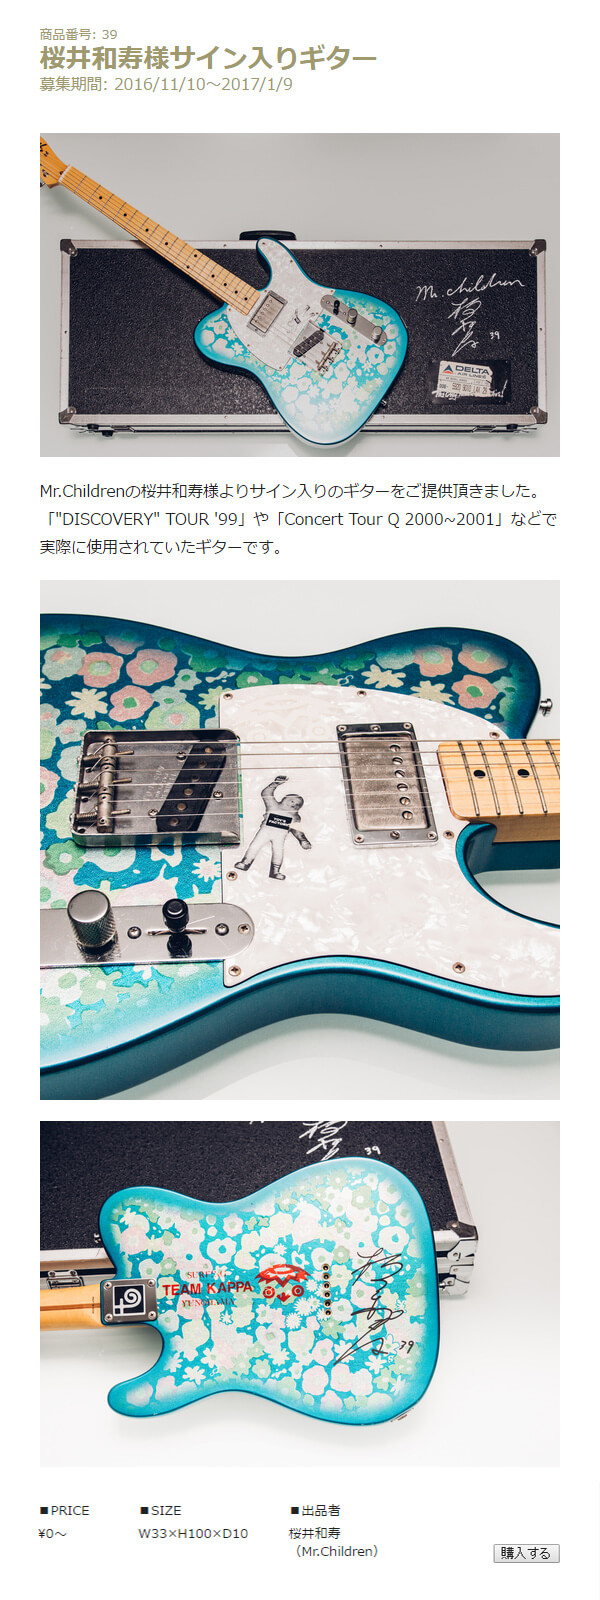 ミスチル桜井和寿オリジナルモデル「Fender Telecaster TL69BFL」